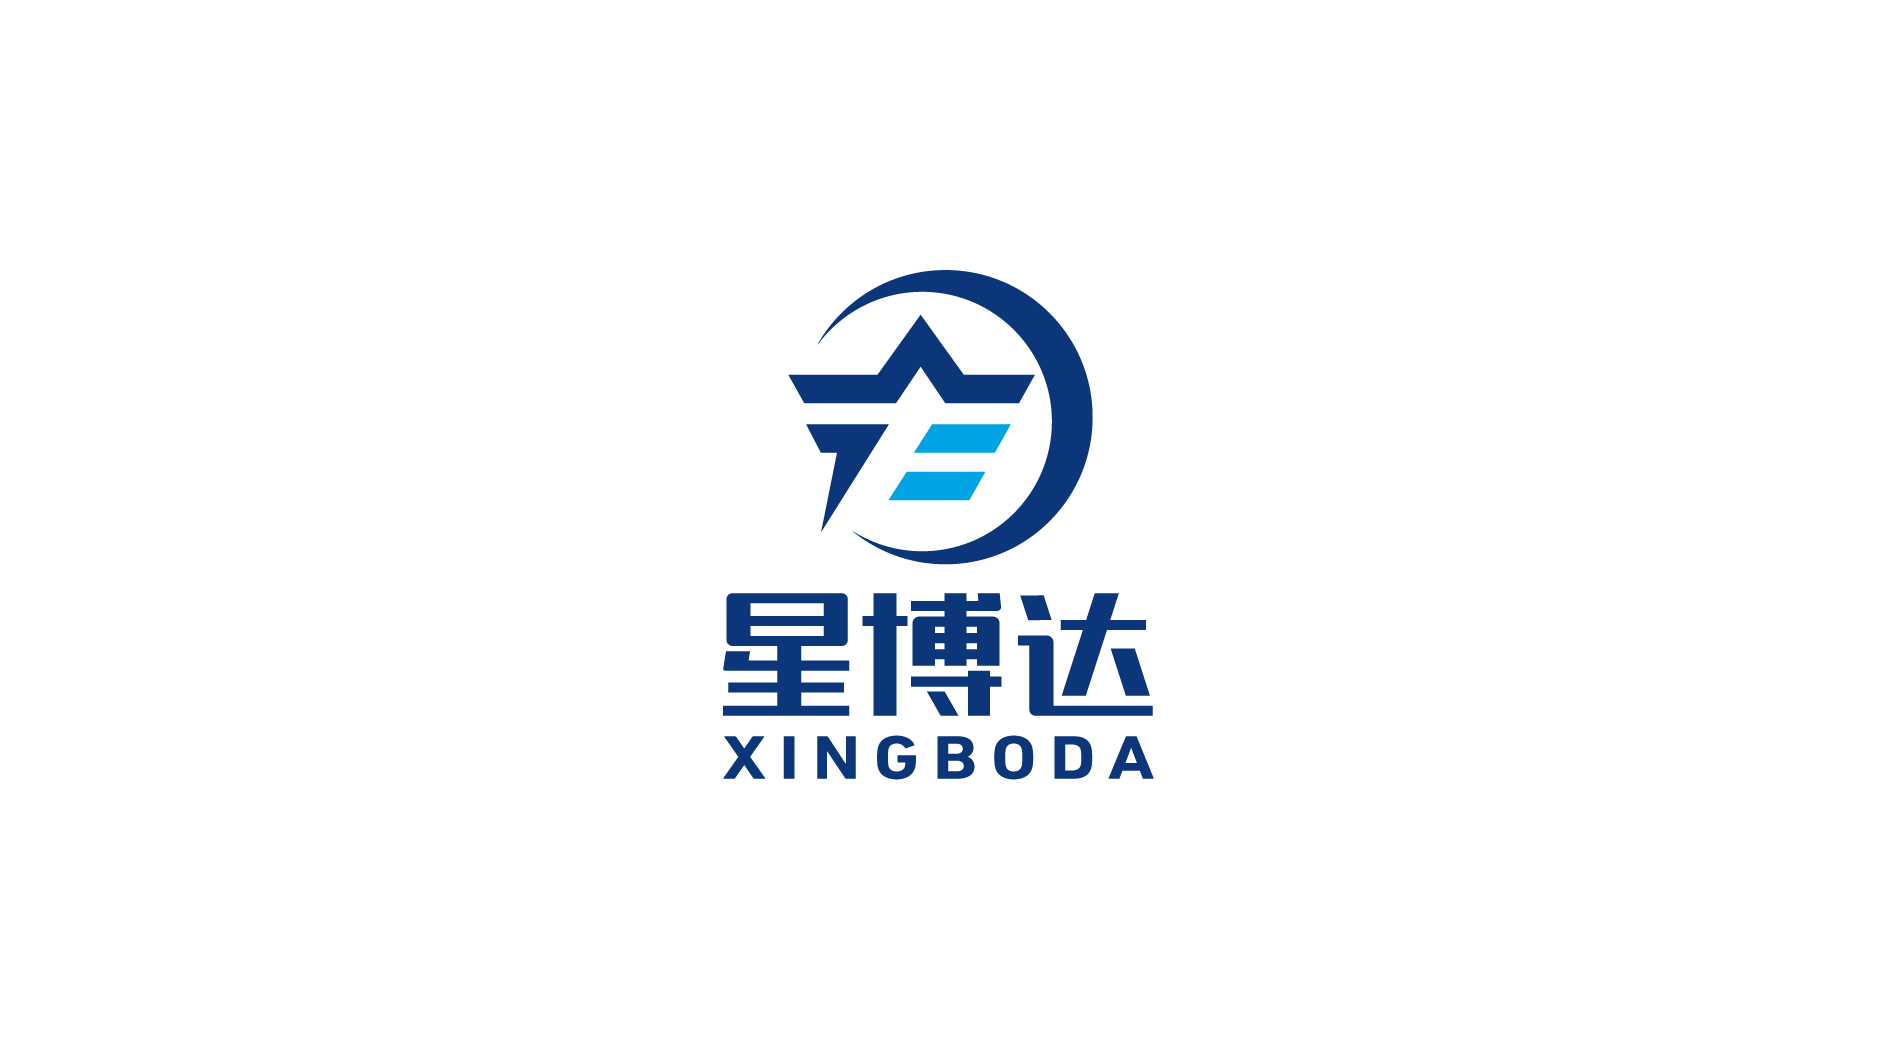 星博达生物公司LOGO万博手机官网